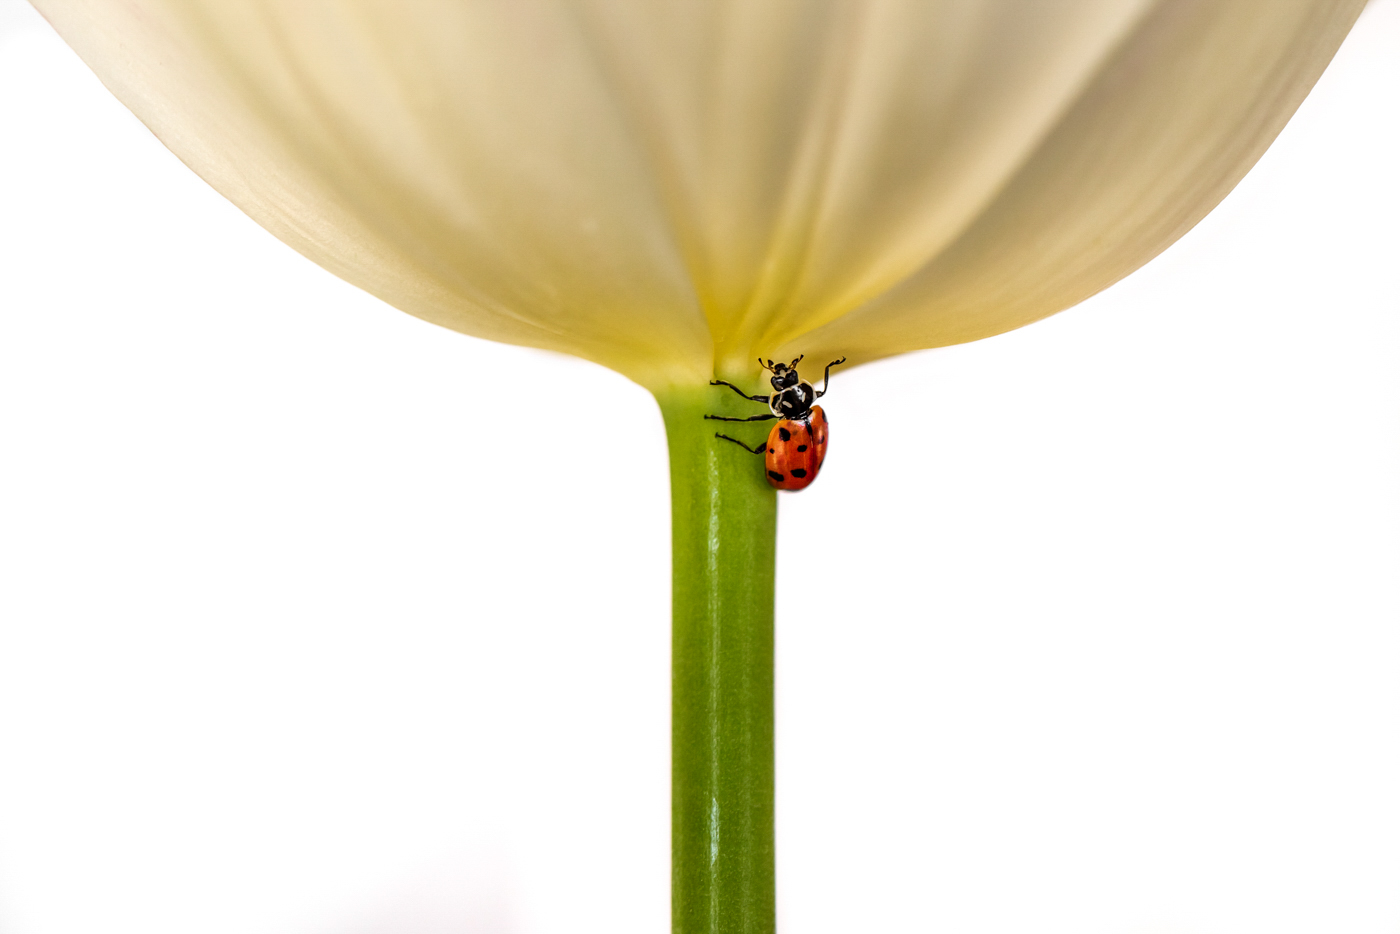 46Open_Terry_Miranda_2_Ladybug_on_a_tulip